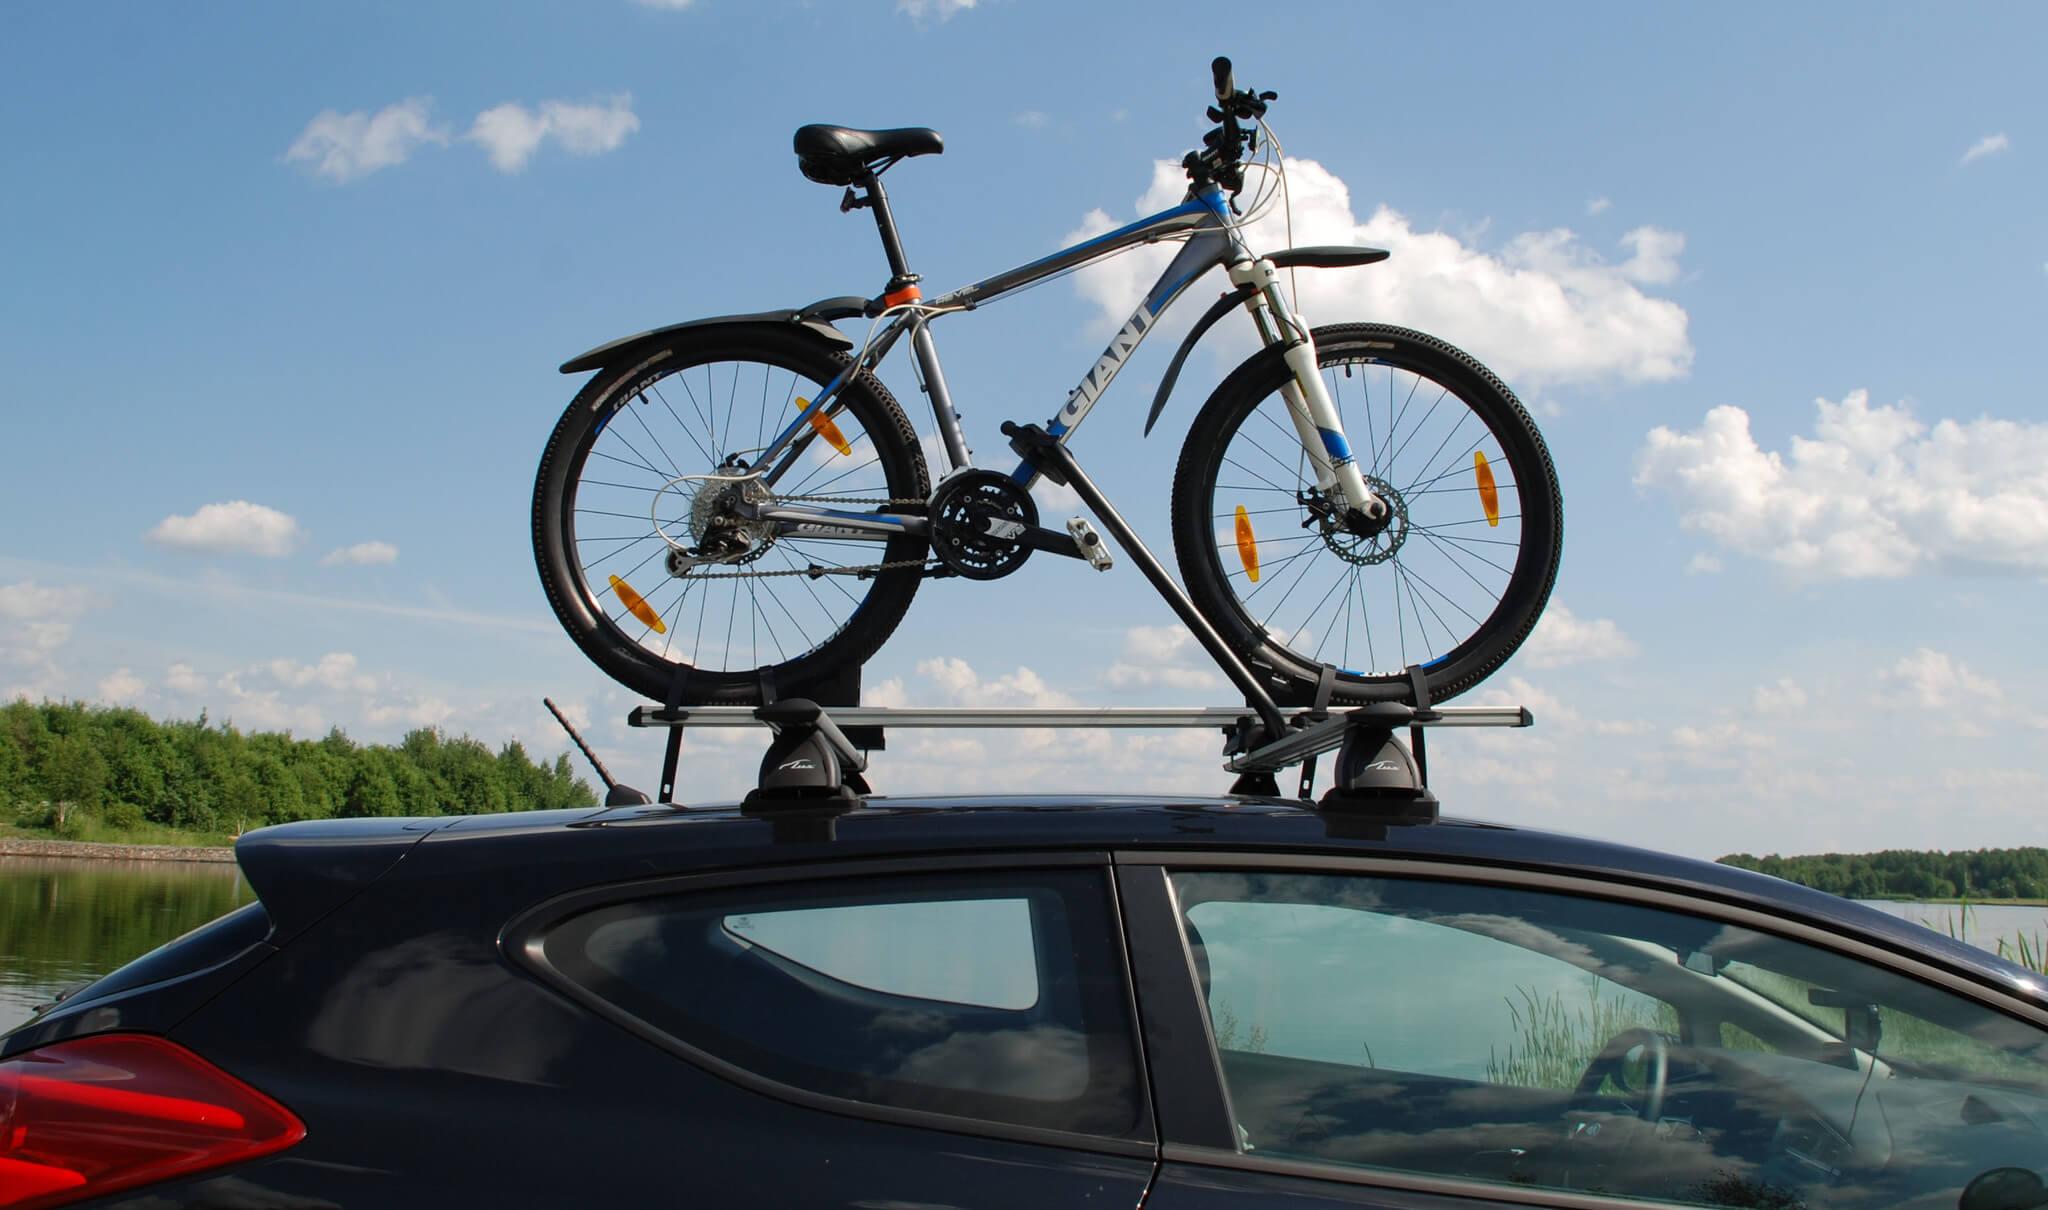 велосипедный багажник на крышу автомобиля